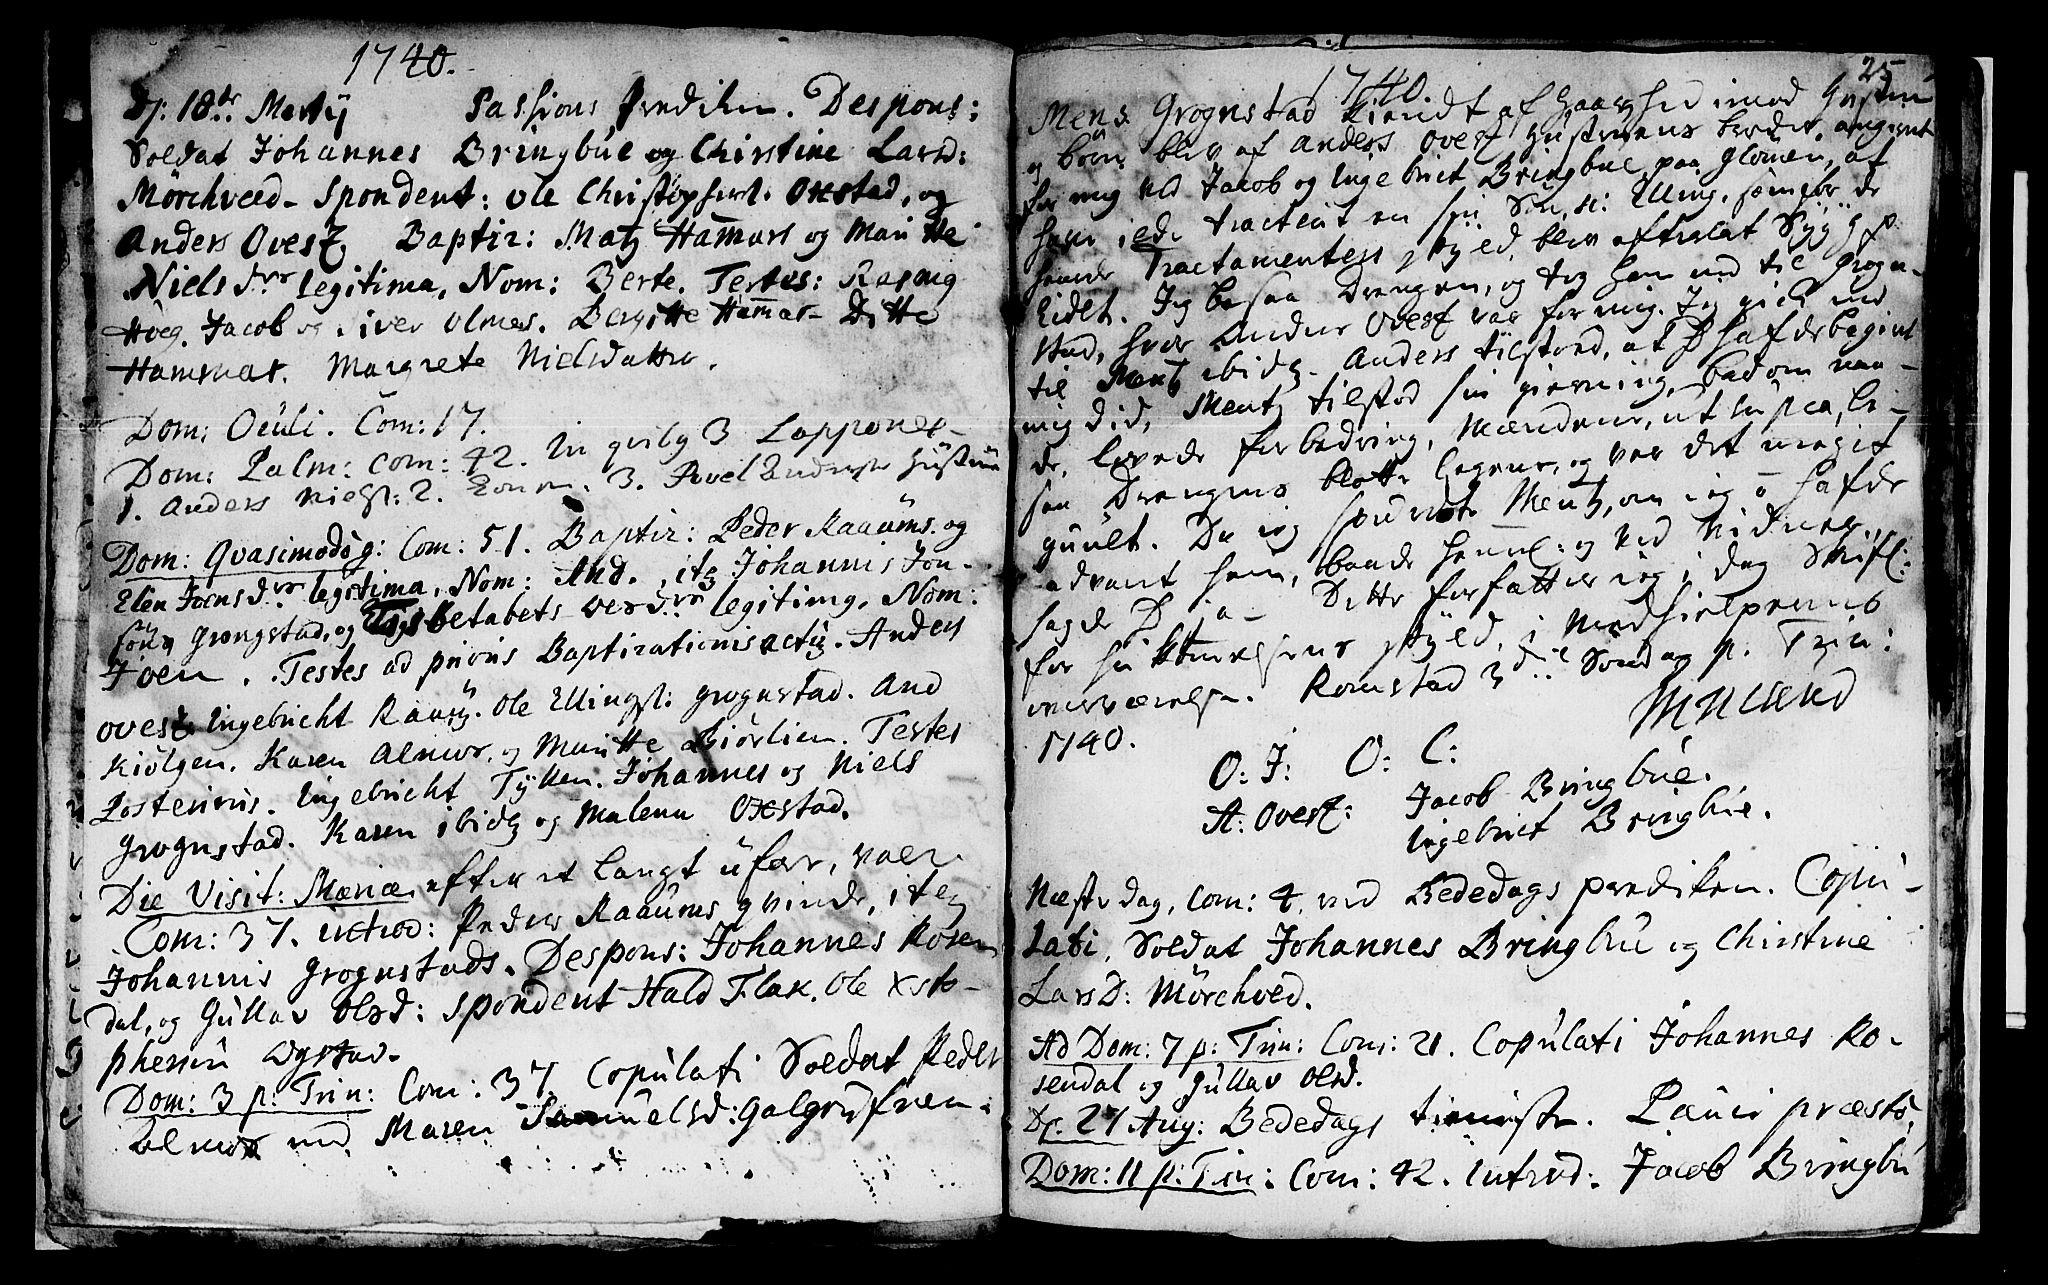 SAT, Ministerialprotokoller, klokkerbøker og fødselsregistre - Nord-Trøndelag, 765/L0560: Ministerialbok nr. 765A01, 1706-1748, s. 25